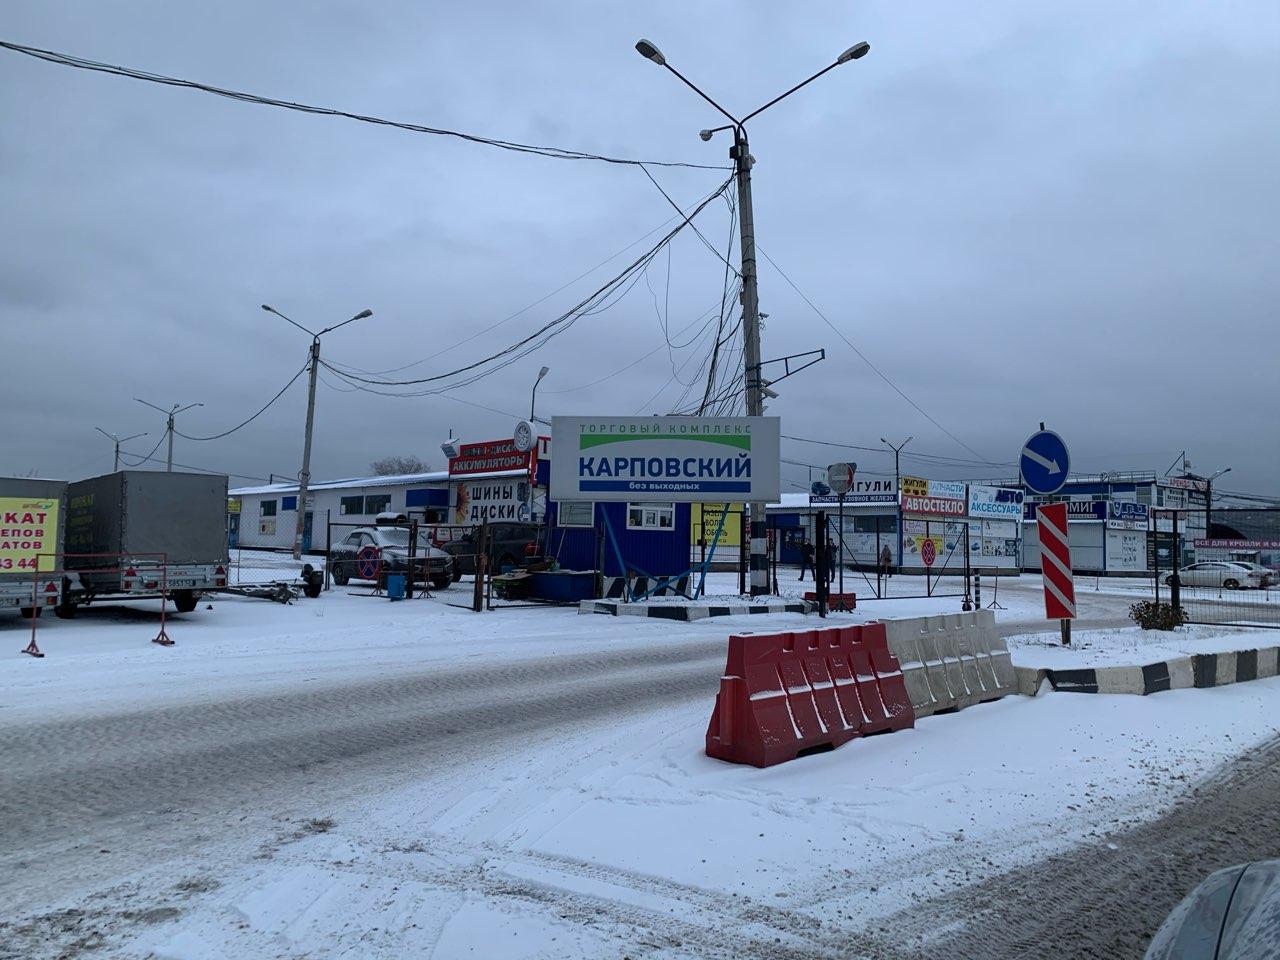 Карповского рынка больше нет, но дело живо: предприниматели спешно переезжают на другие площадки